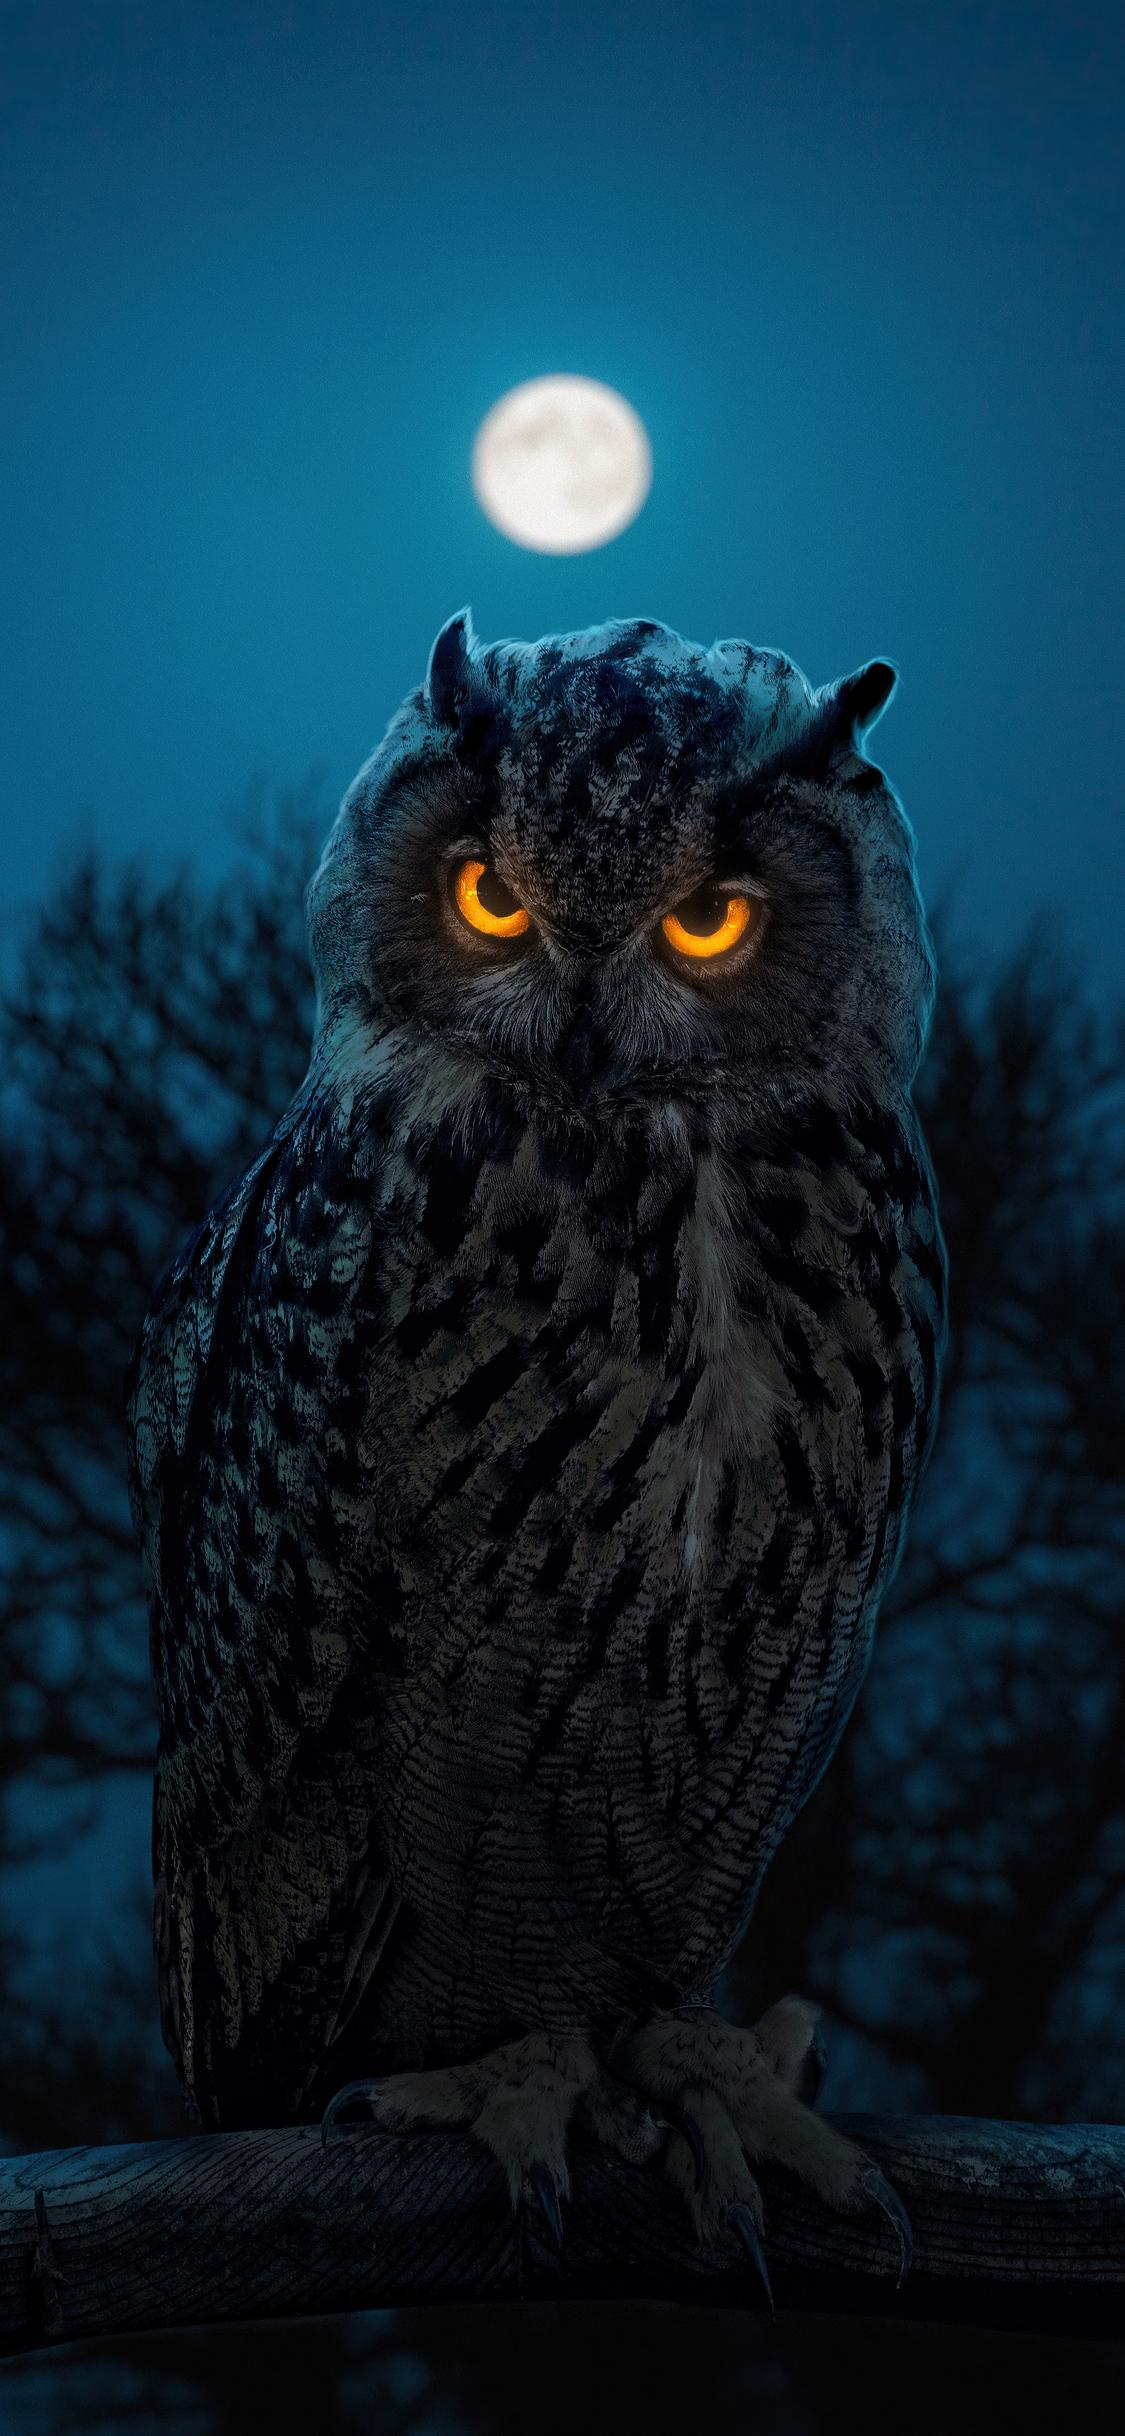 owl-glowing-eyes-s0.jpg